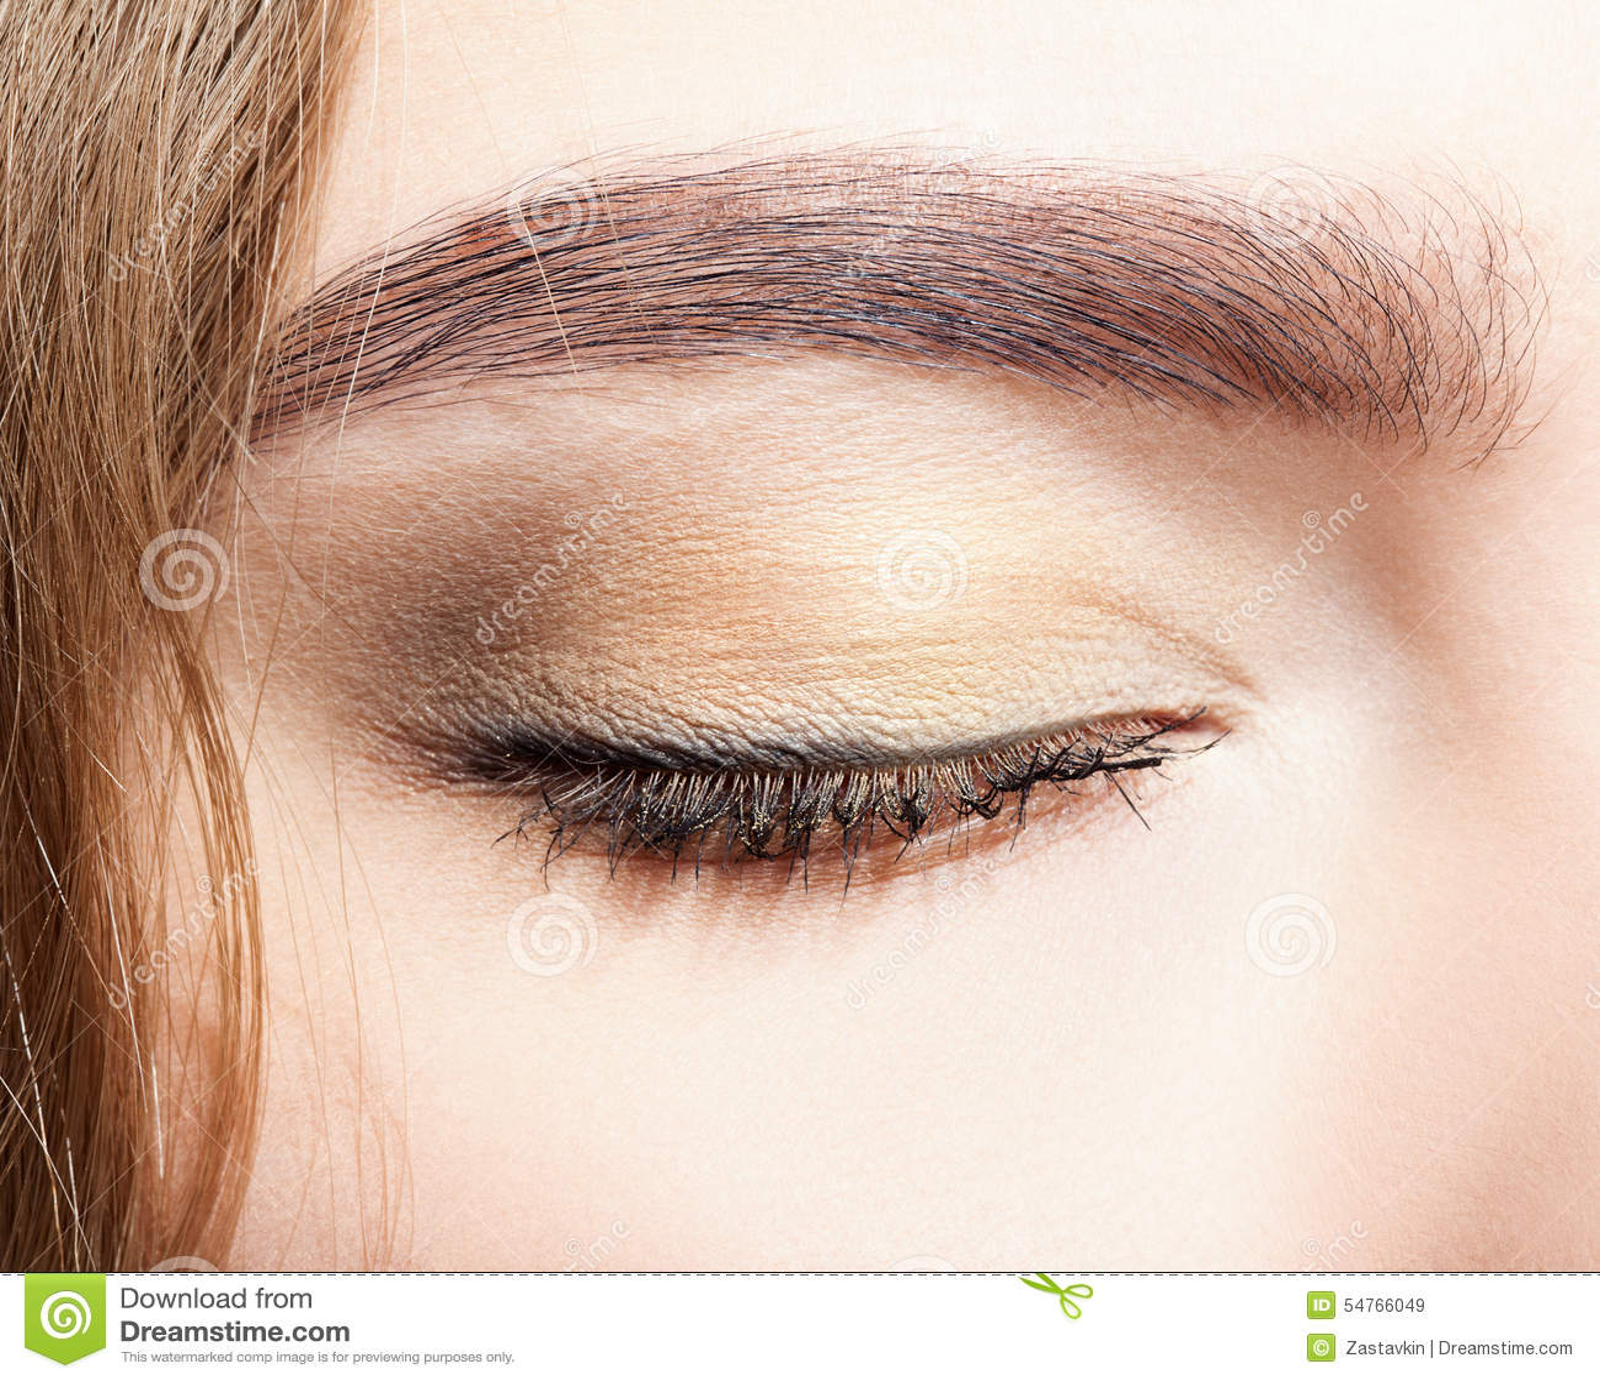 closed female eye makeup stock photo image 54766049